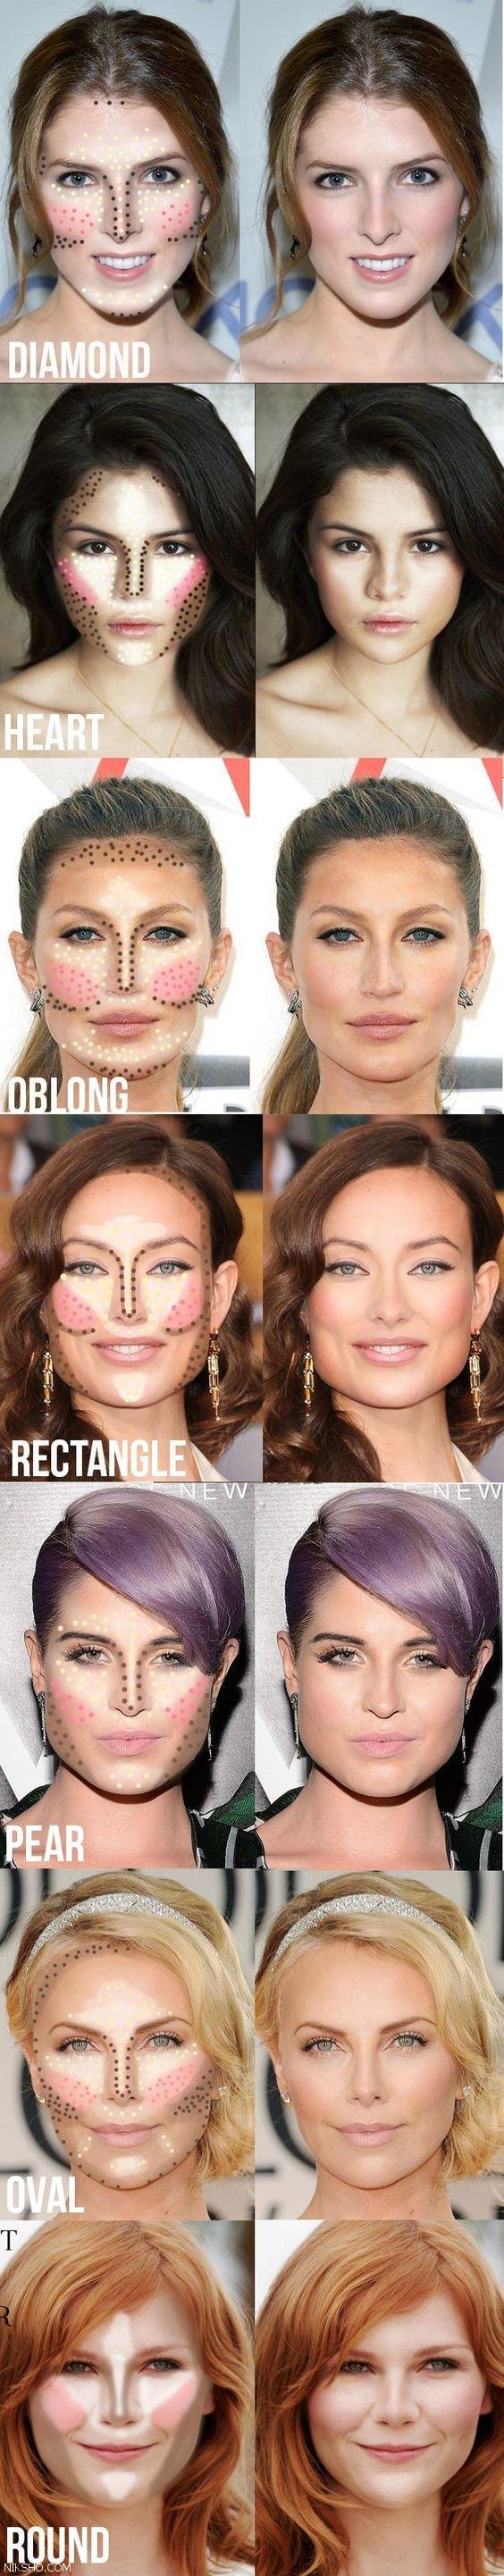 آموزش تصویری آرایش چشم های متنوع و جذاب